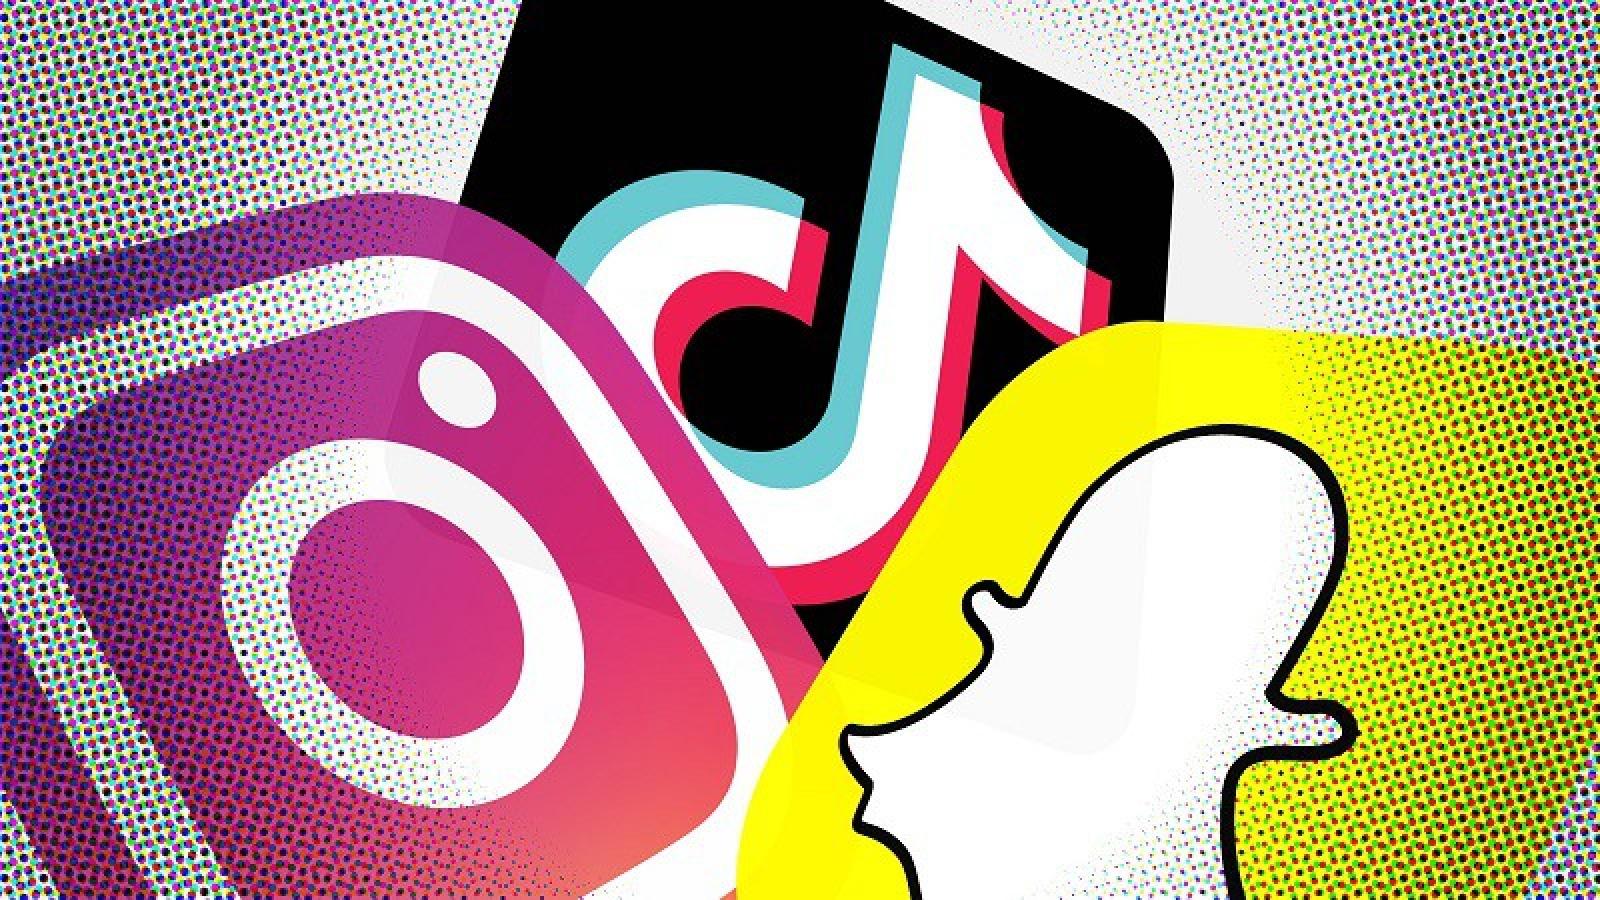 Facebook cho ra mắt sản phẩm giống TikTok trên ứng dụng Instagram